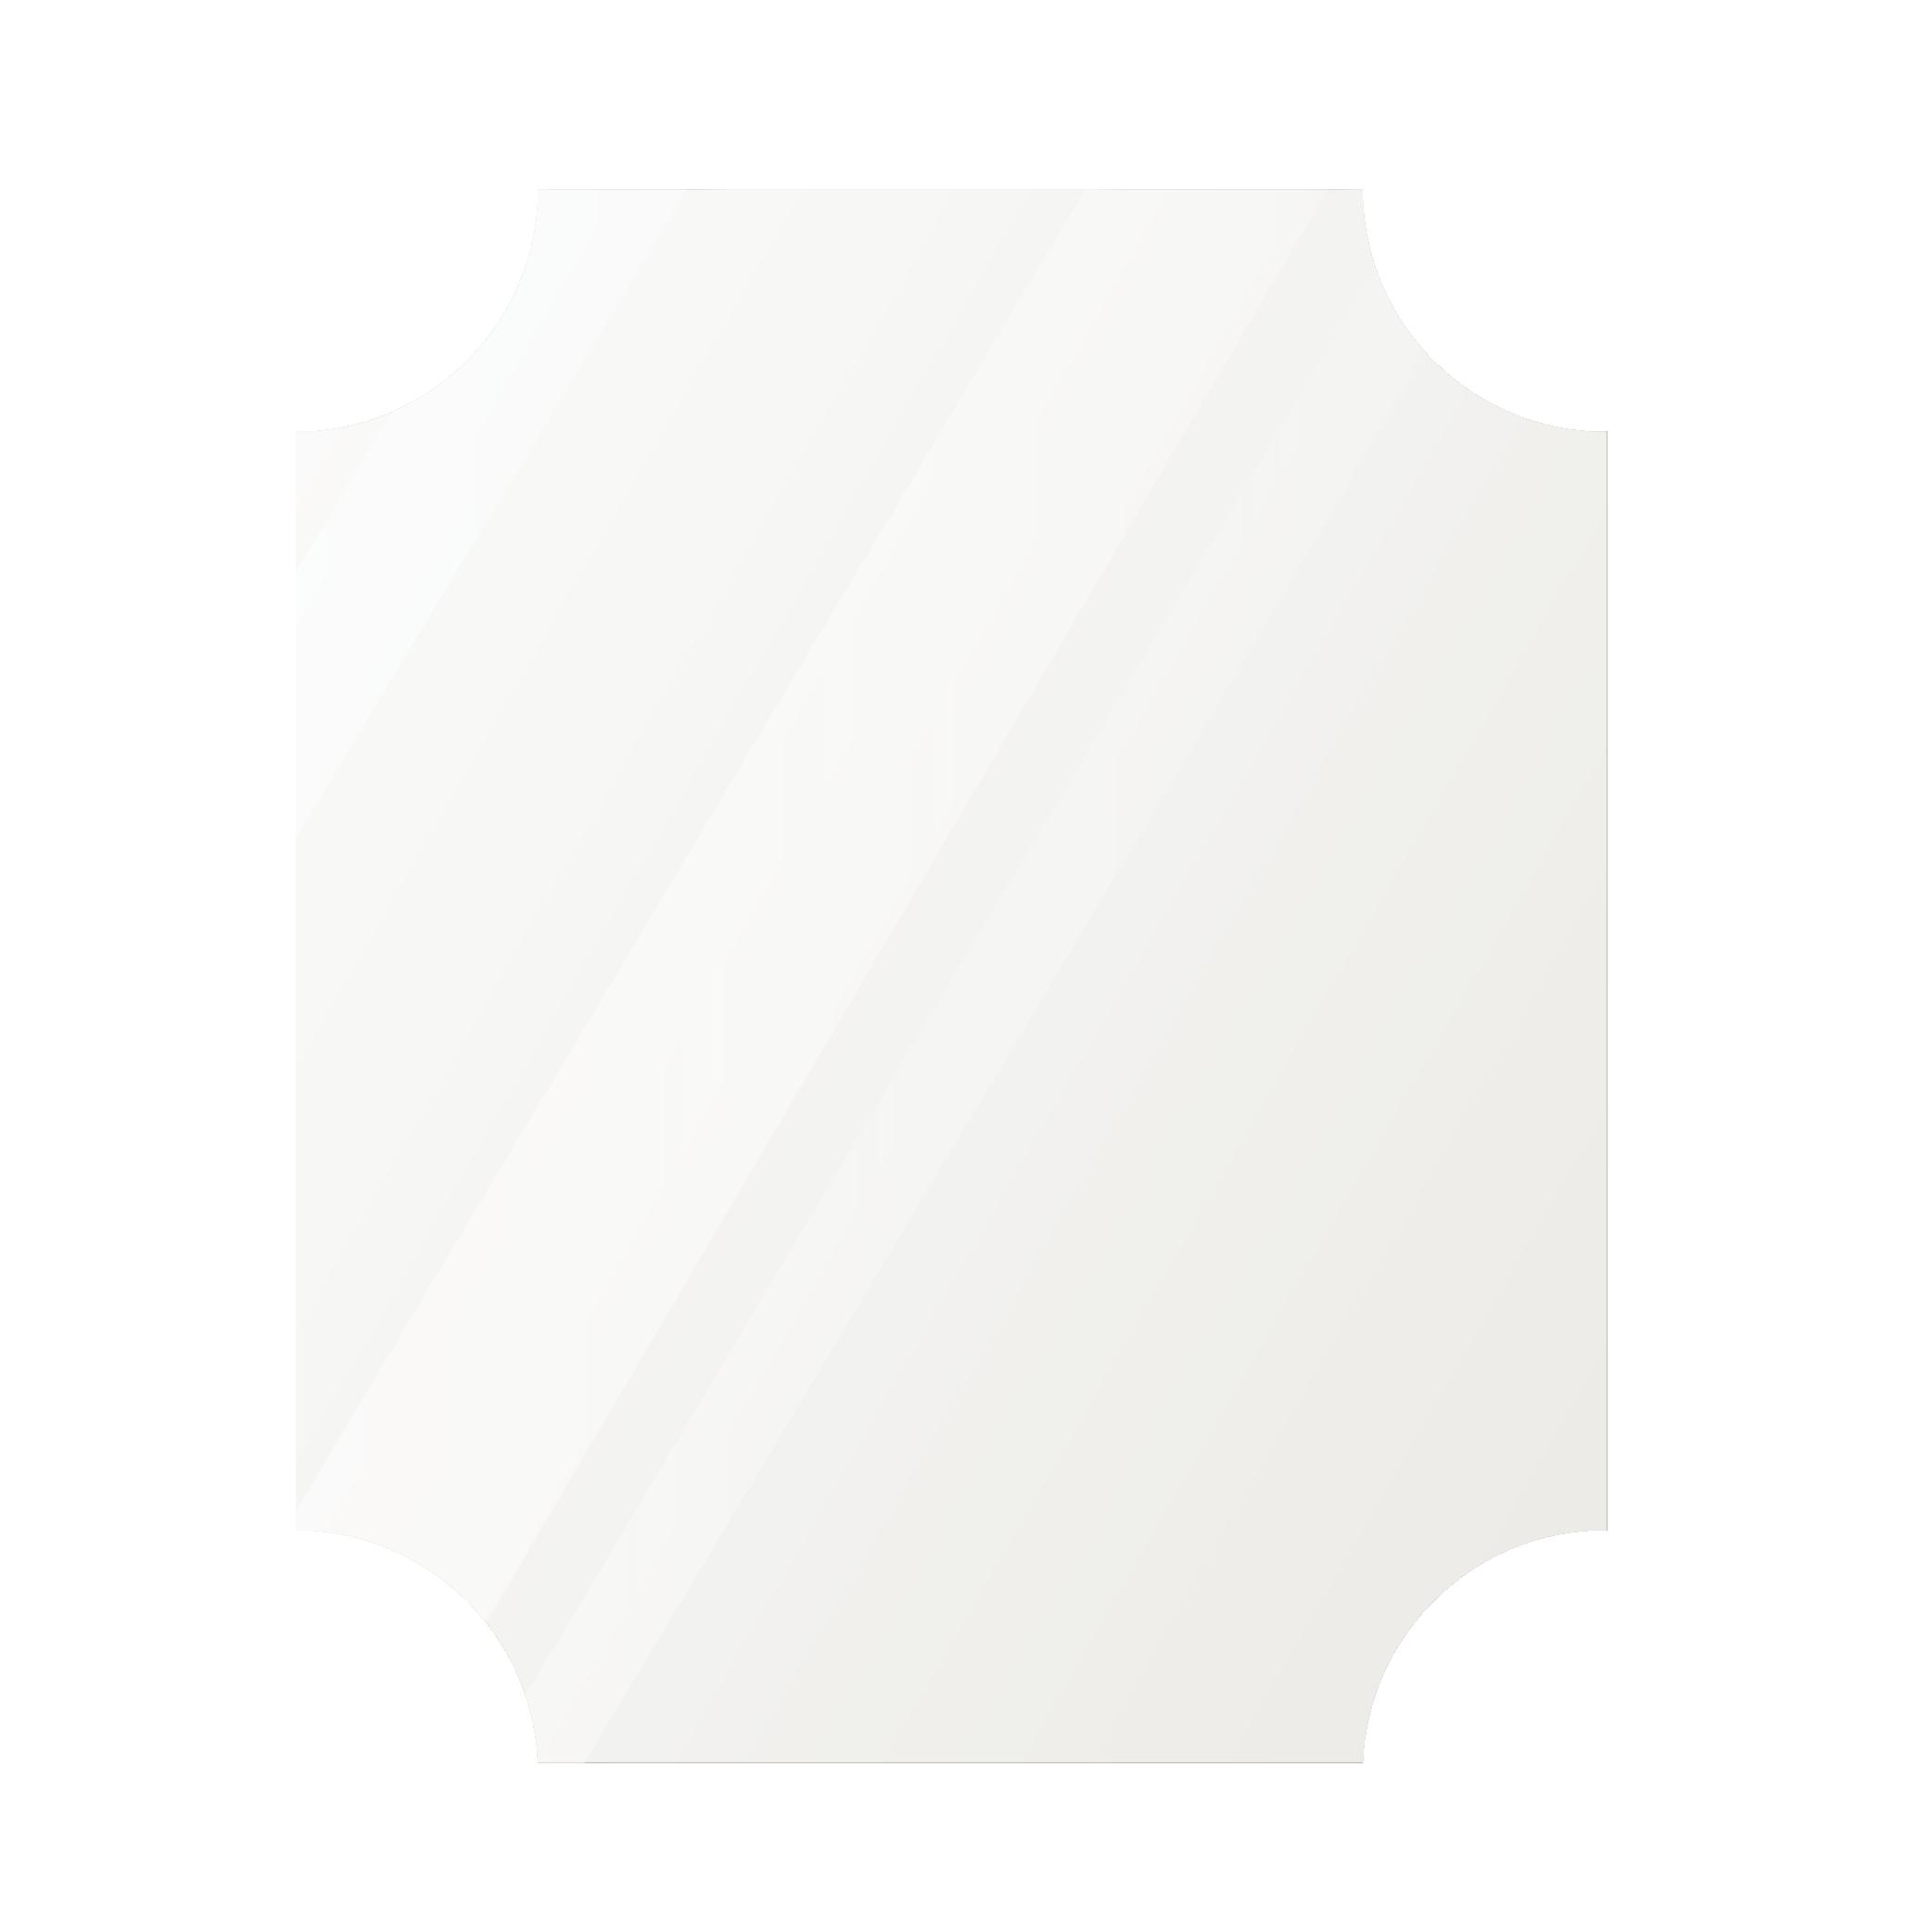 Фигурное зеркало 1400×900 мм осветленное с еврокромкой и креплением на клей